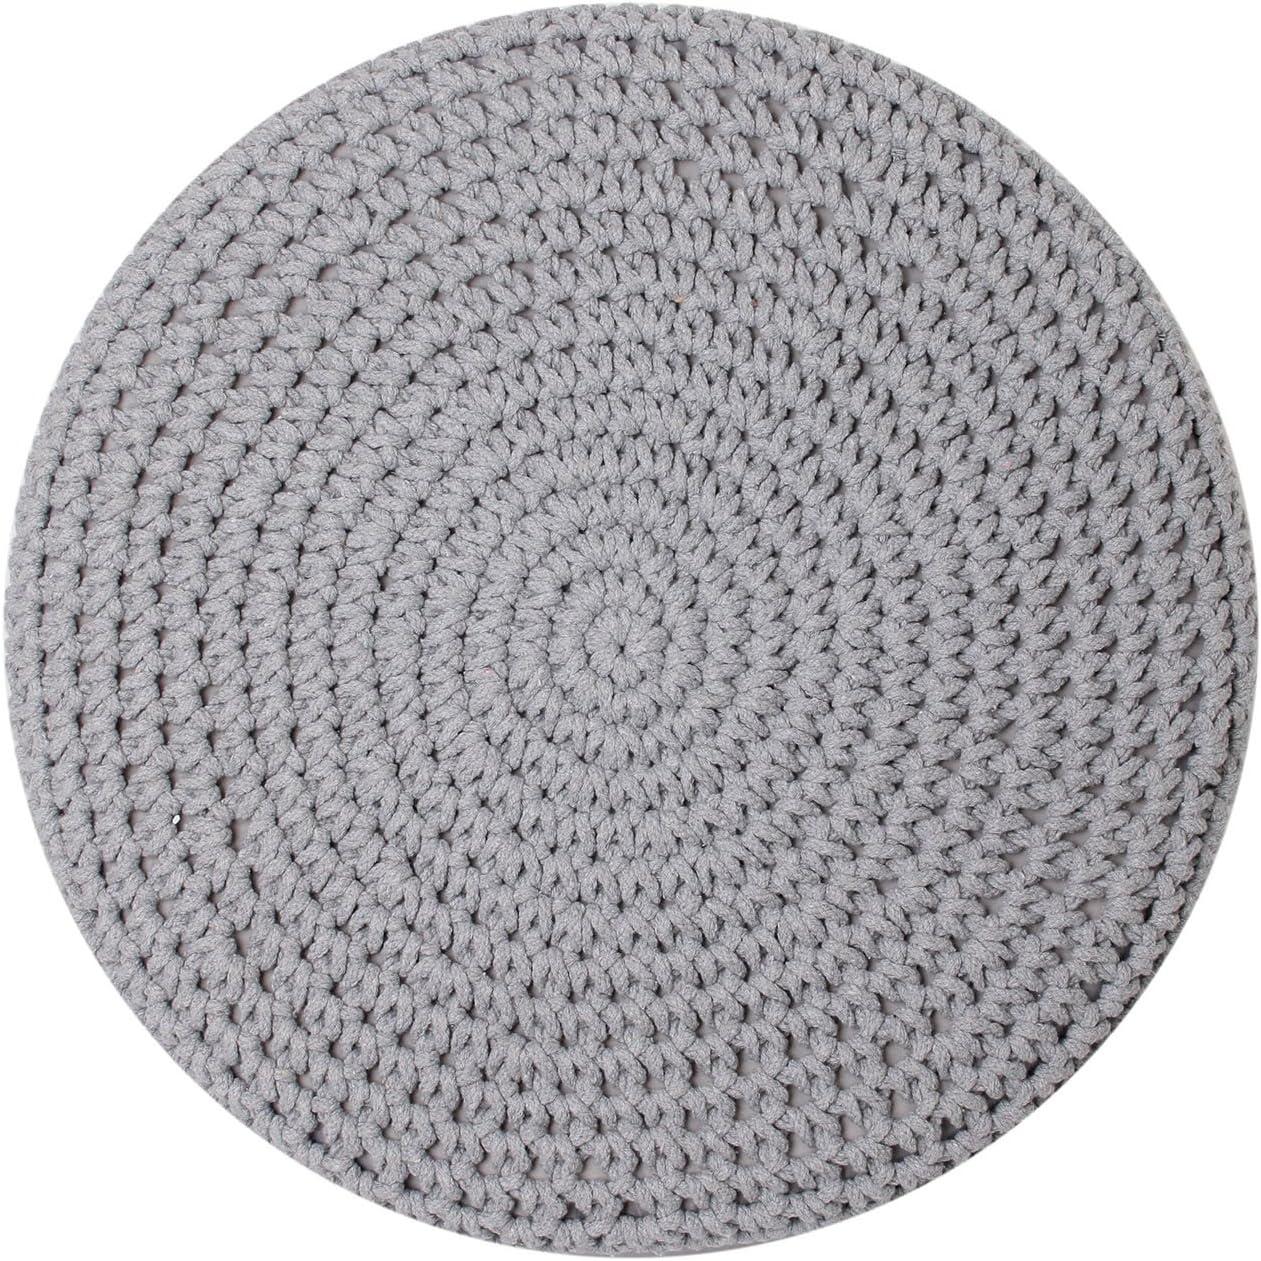 THE HOME DECO FACTORY HD3706 /Pouf poggiapiedi con Piedini in Cotone Intrecciato MDF